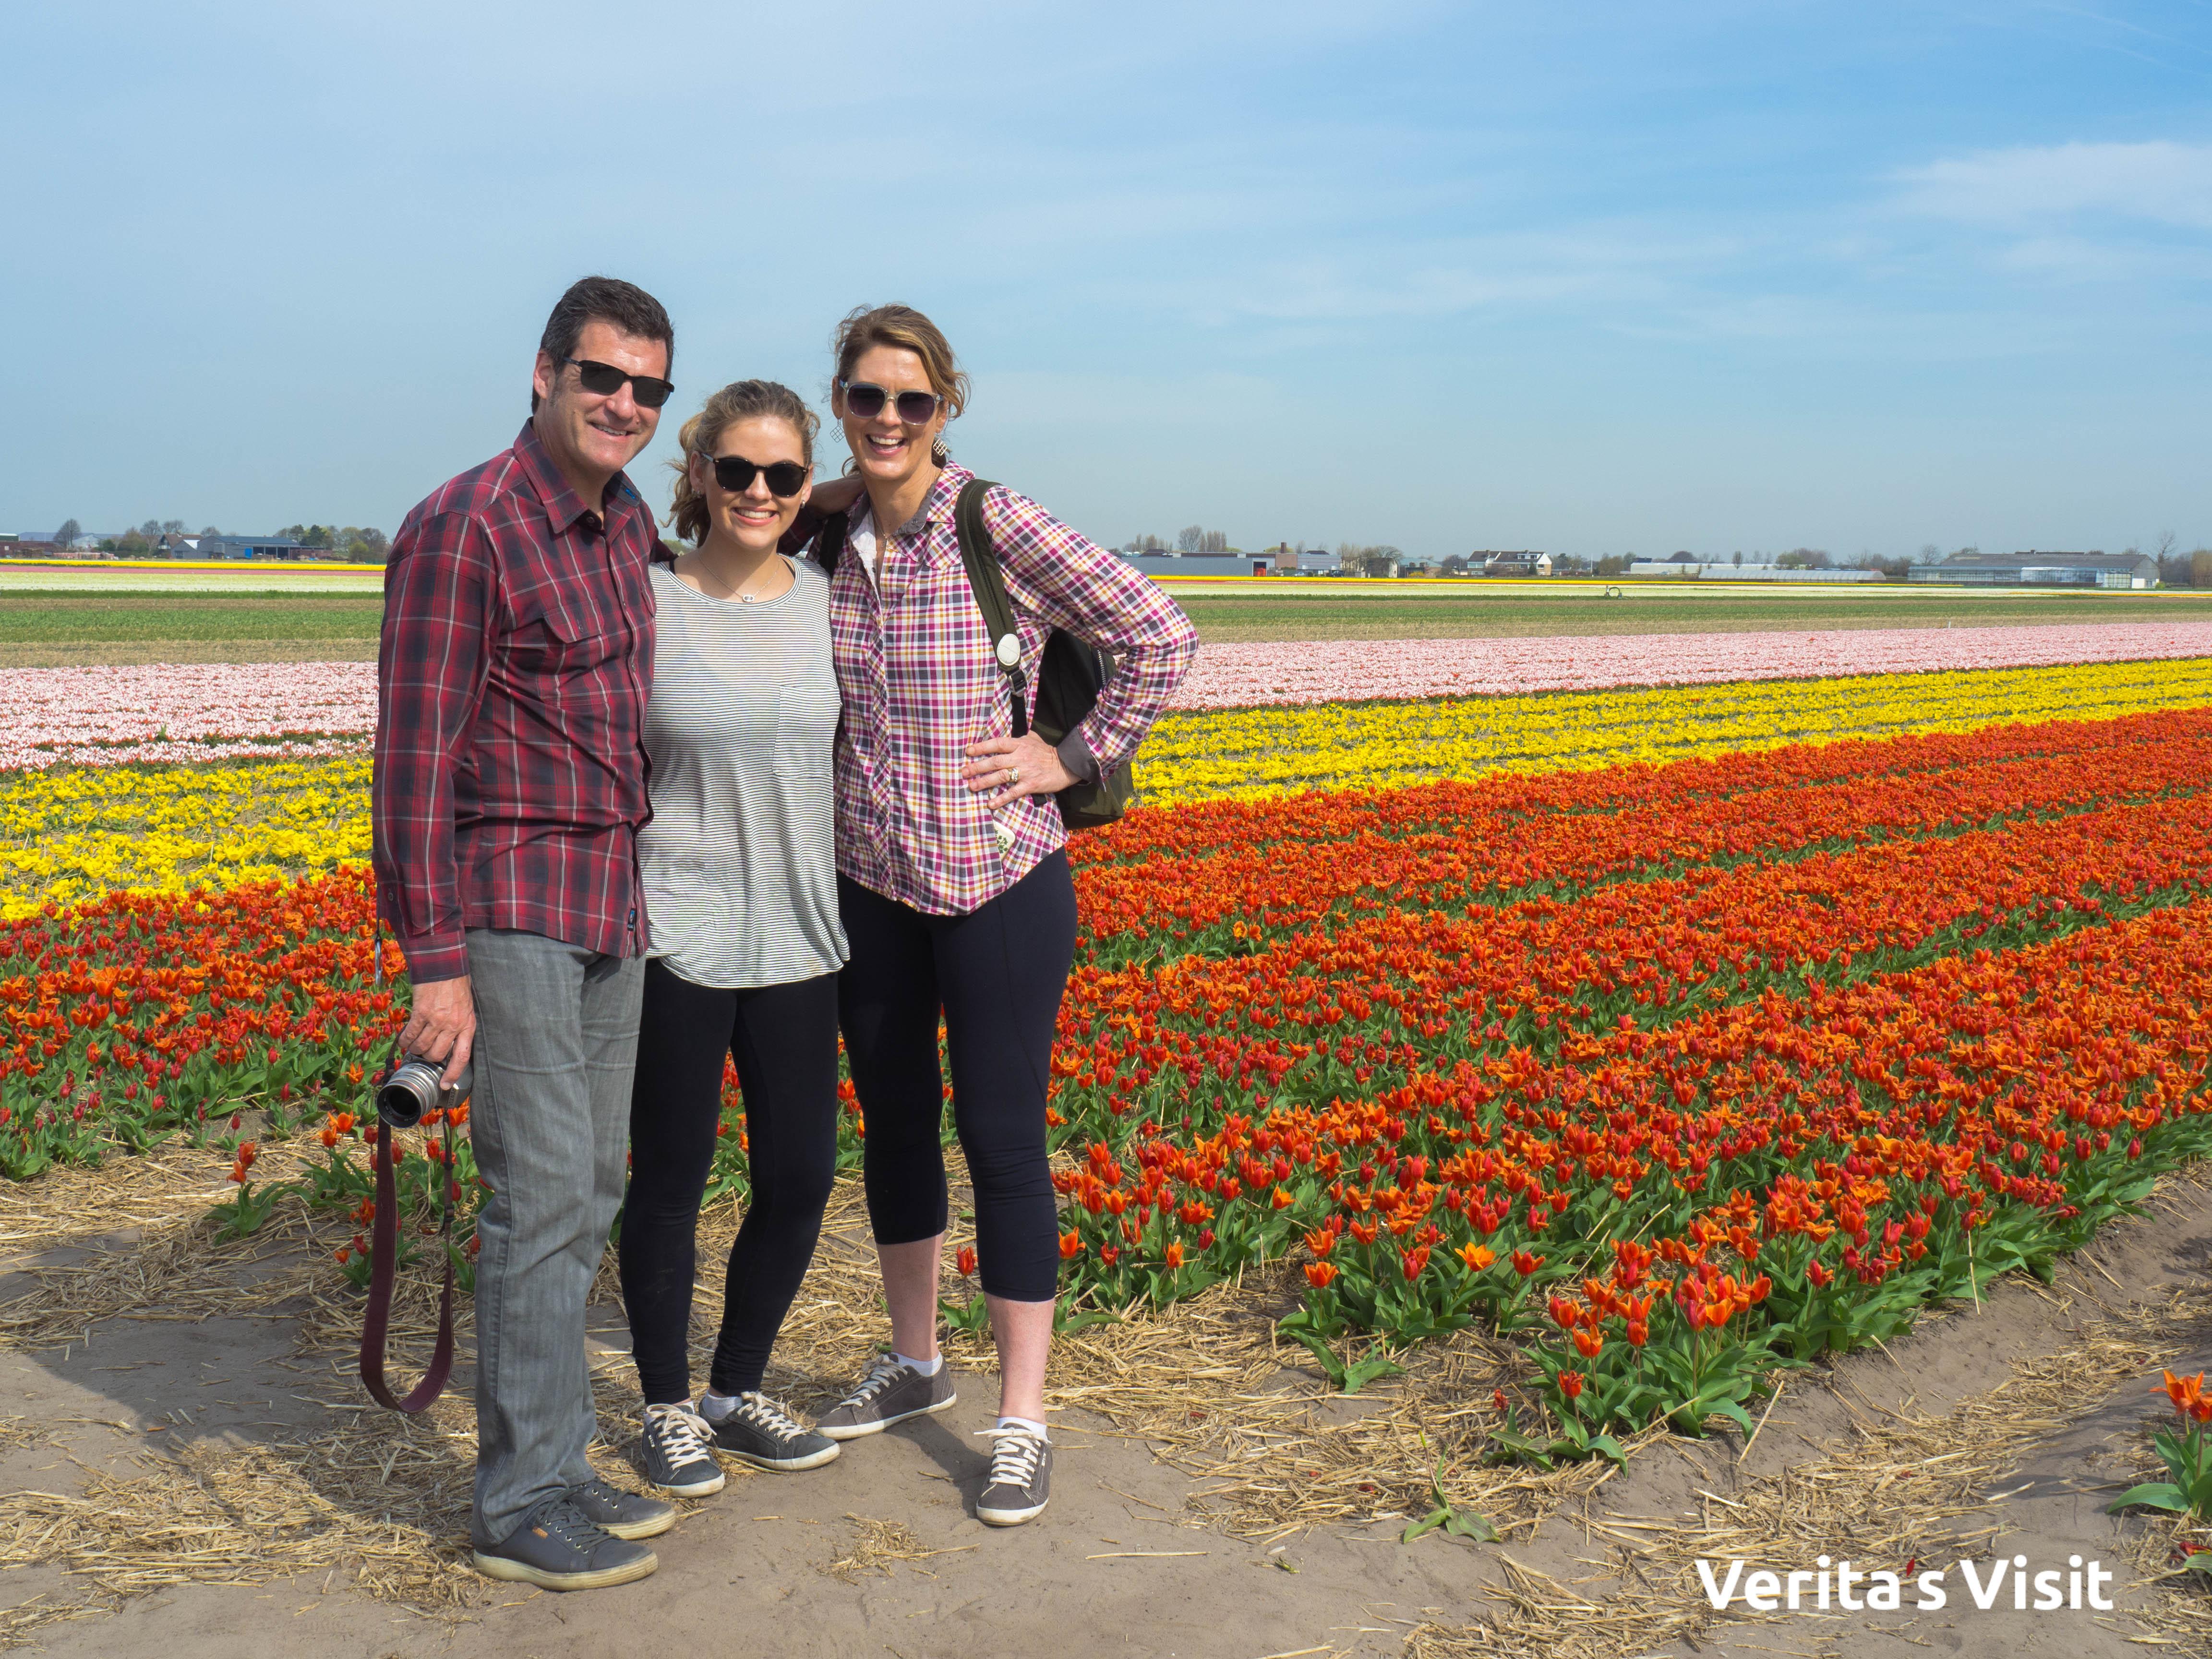 power flower leiden-keukenhof bike tour guide Verita's Visit